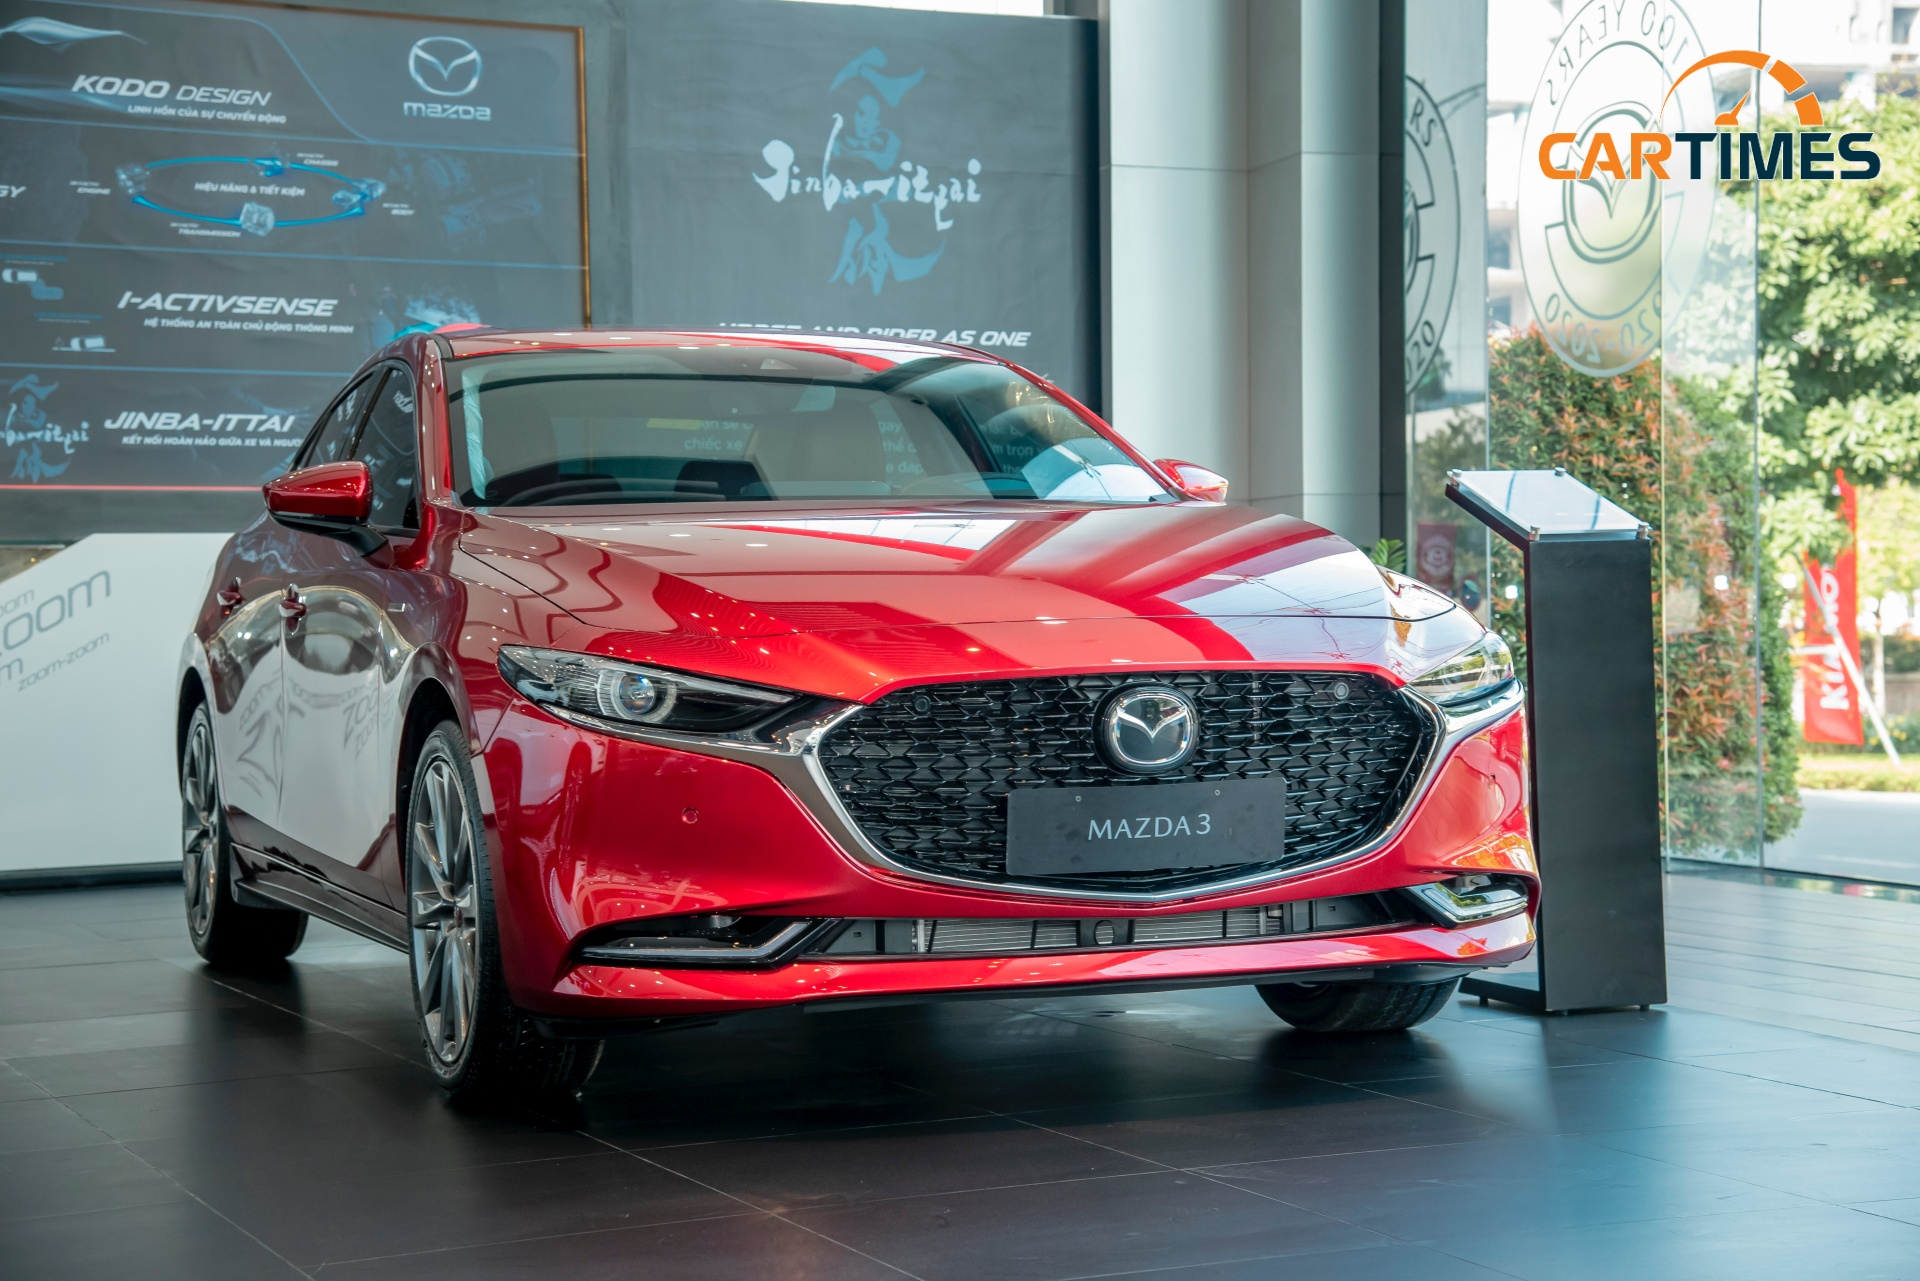 Mazda3 phiên bản đặc biệt vừa cập bến đại lý, chỉ có 40 chiếc được sản xuất